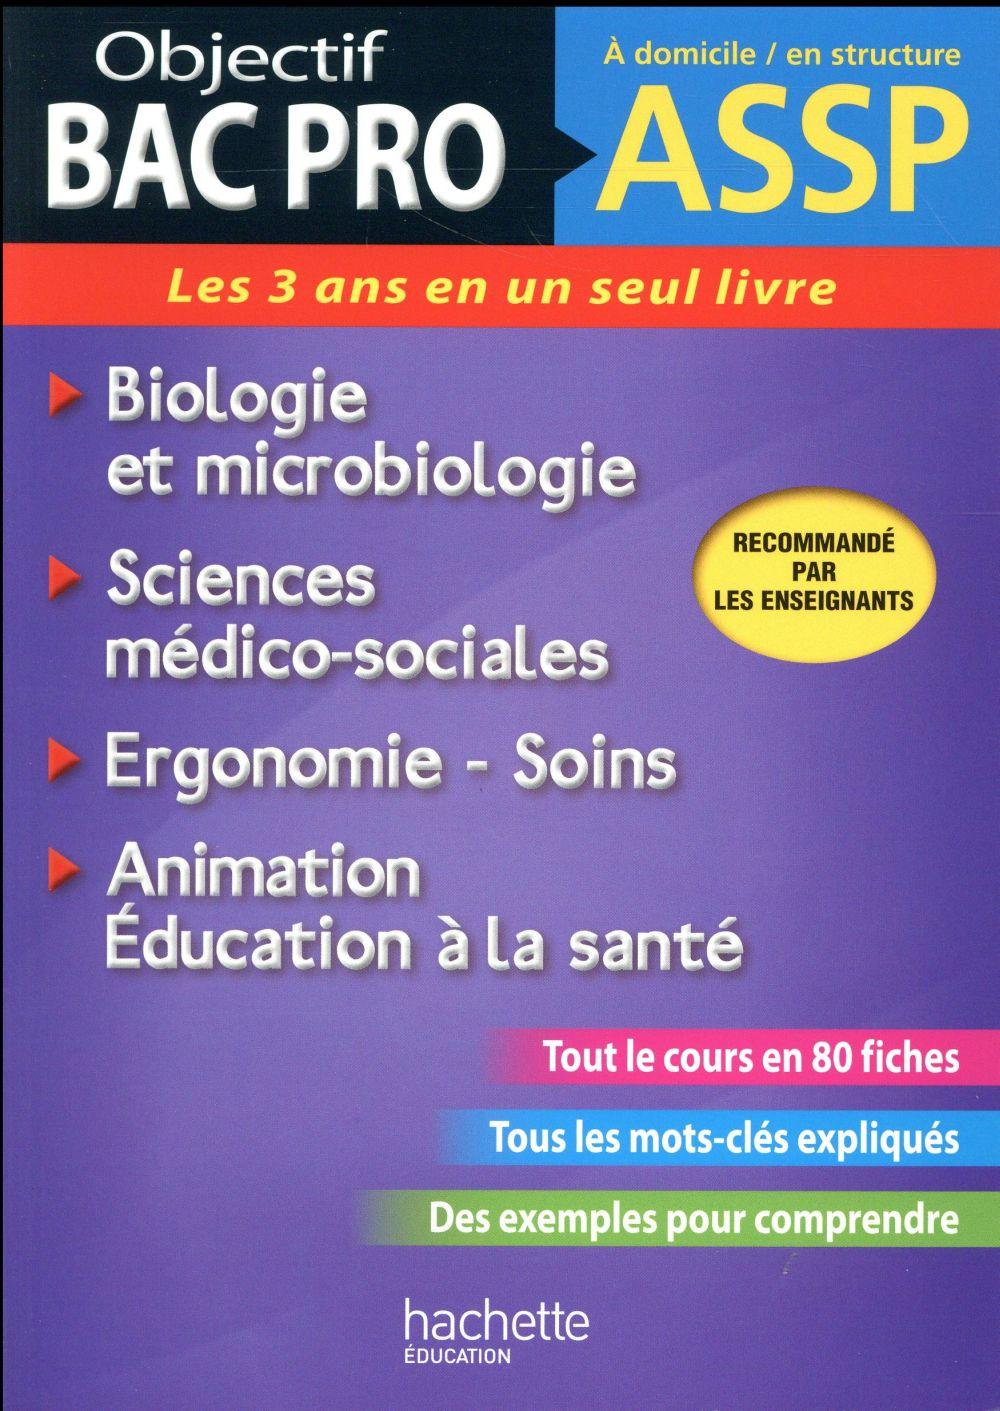 OBJECTIF BAC PRO ; fiches ASSP soins, santé, biologie et microbiologie